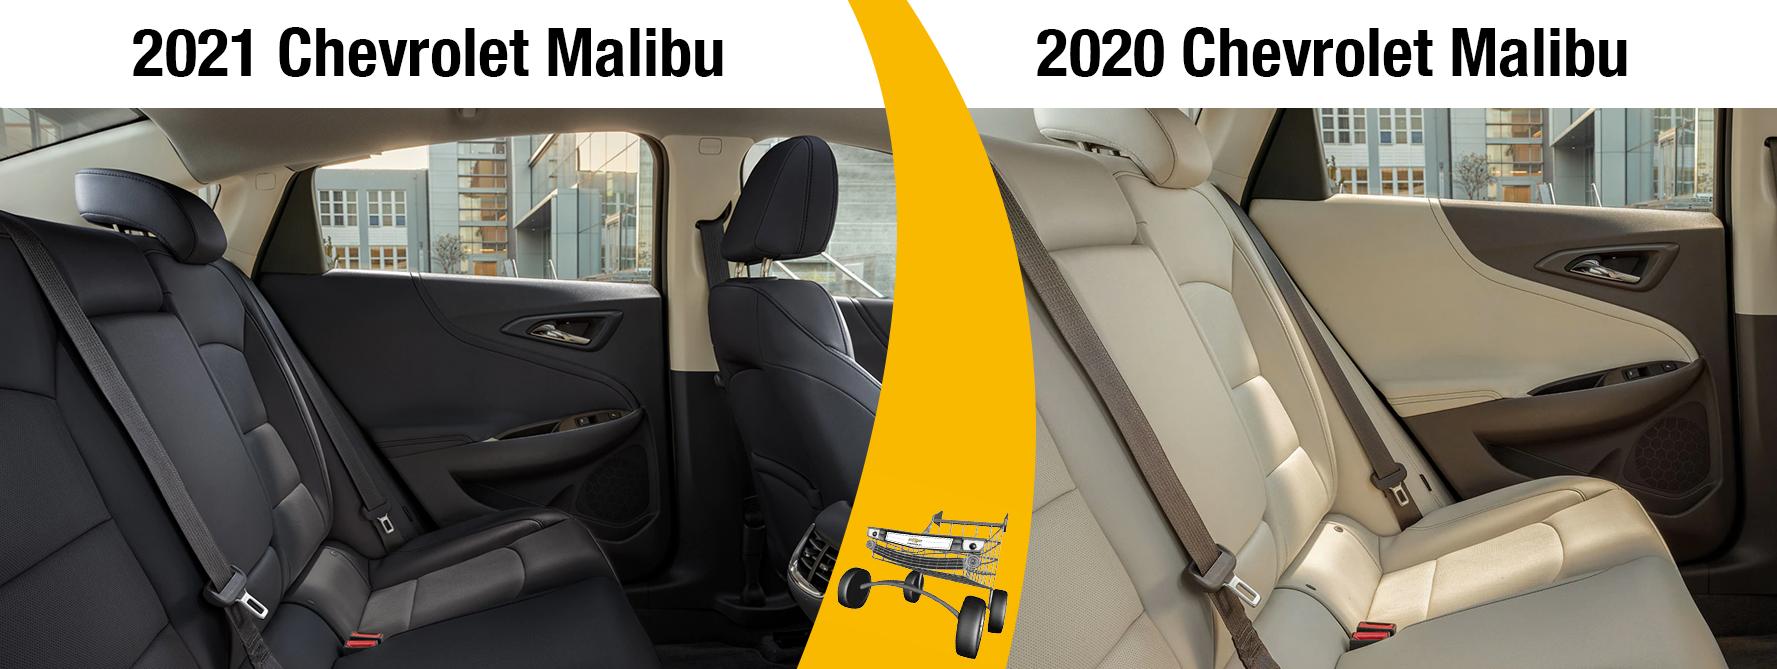 2020 Malibu vs 2021 Malibu Exterior